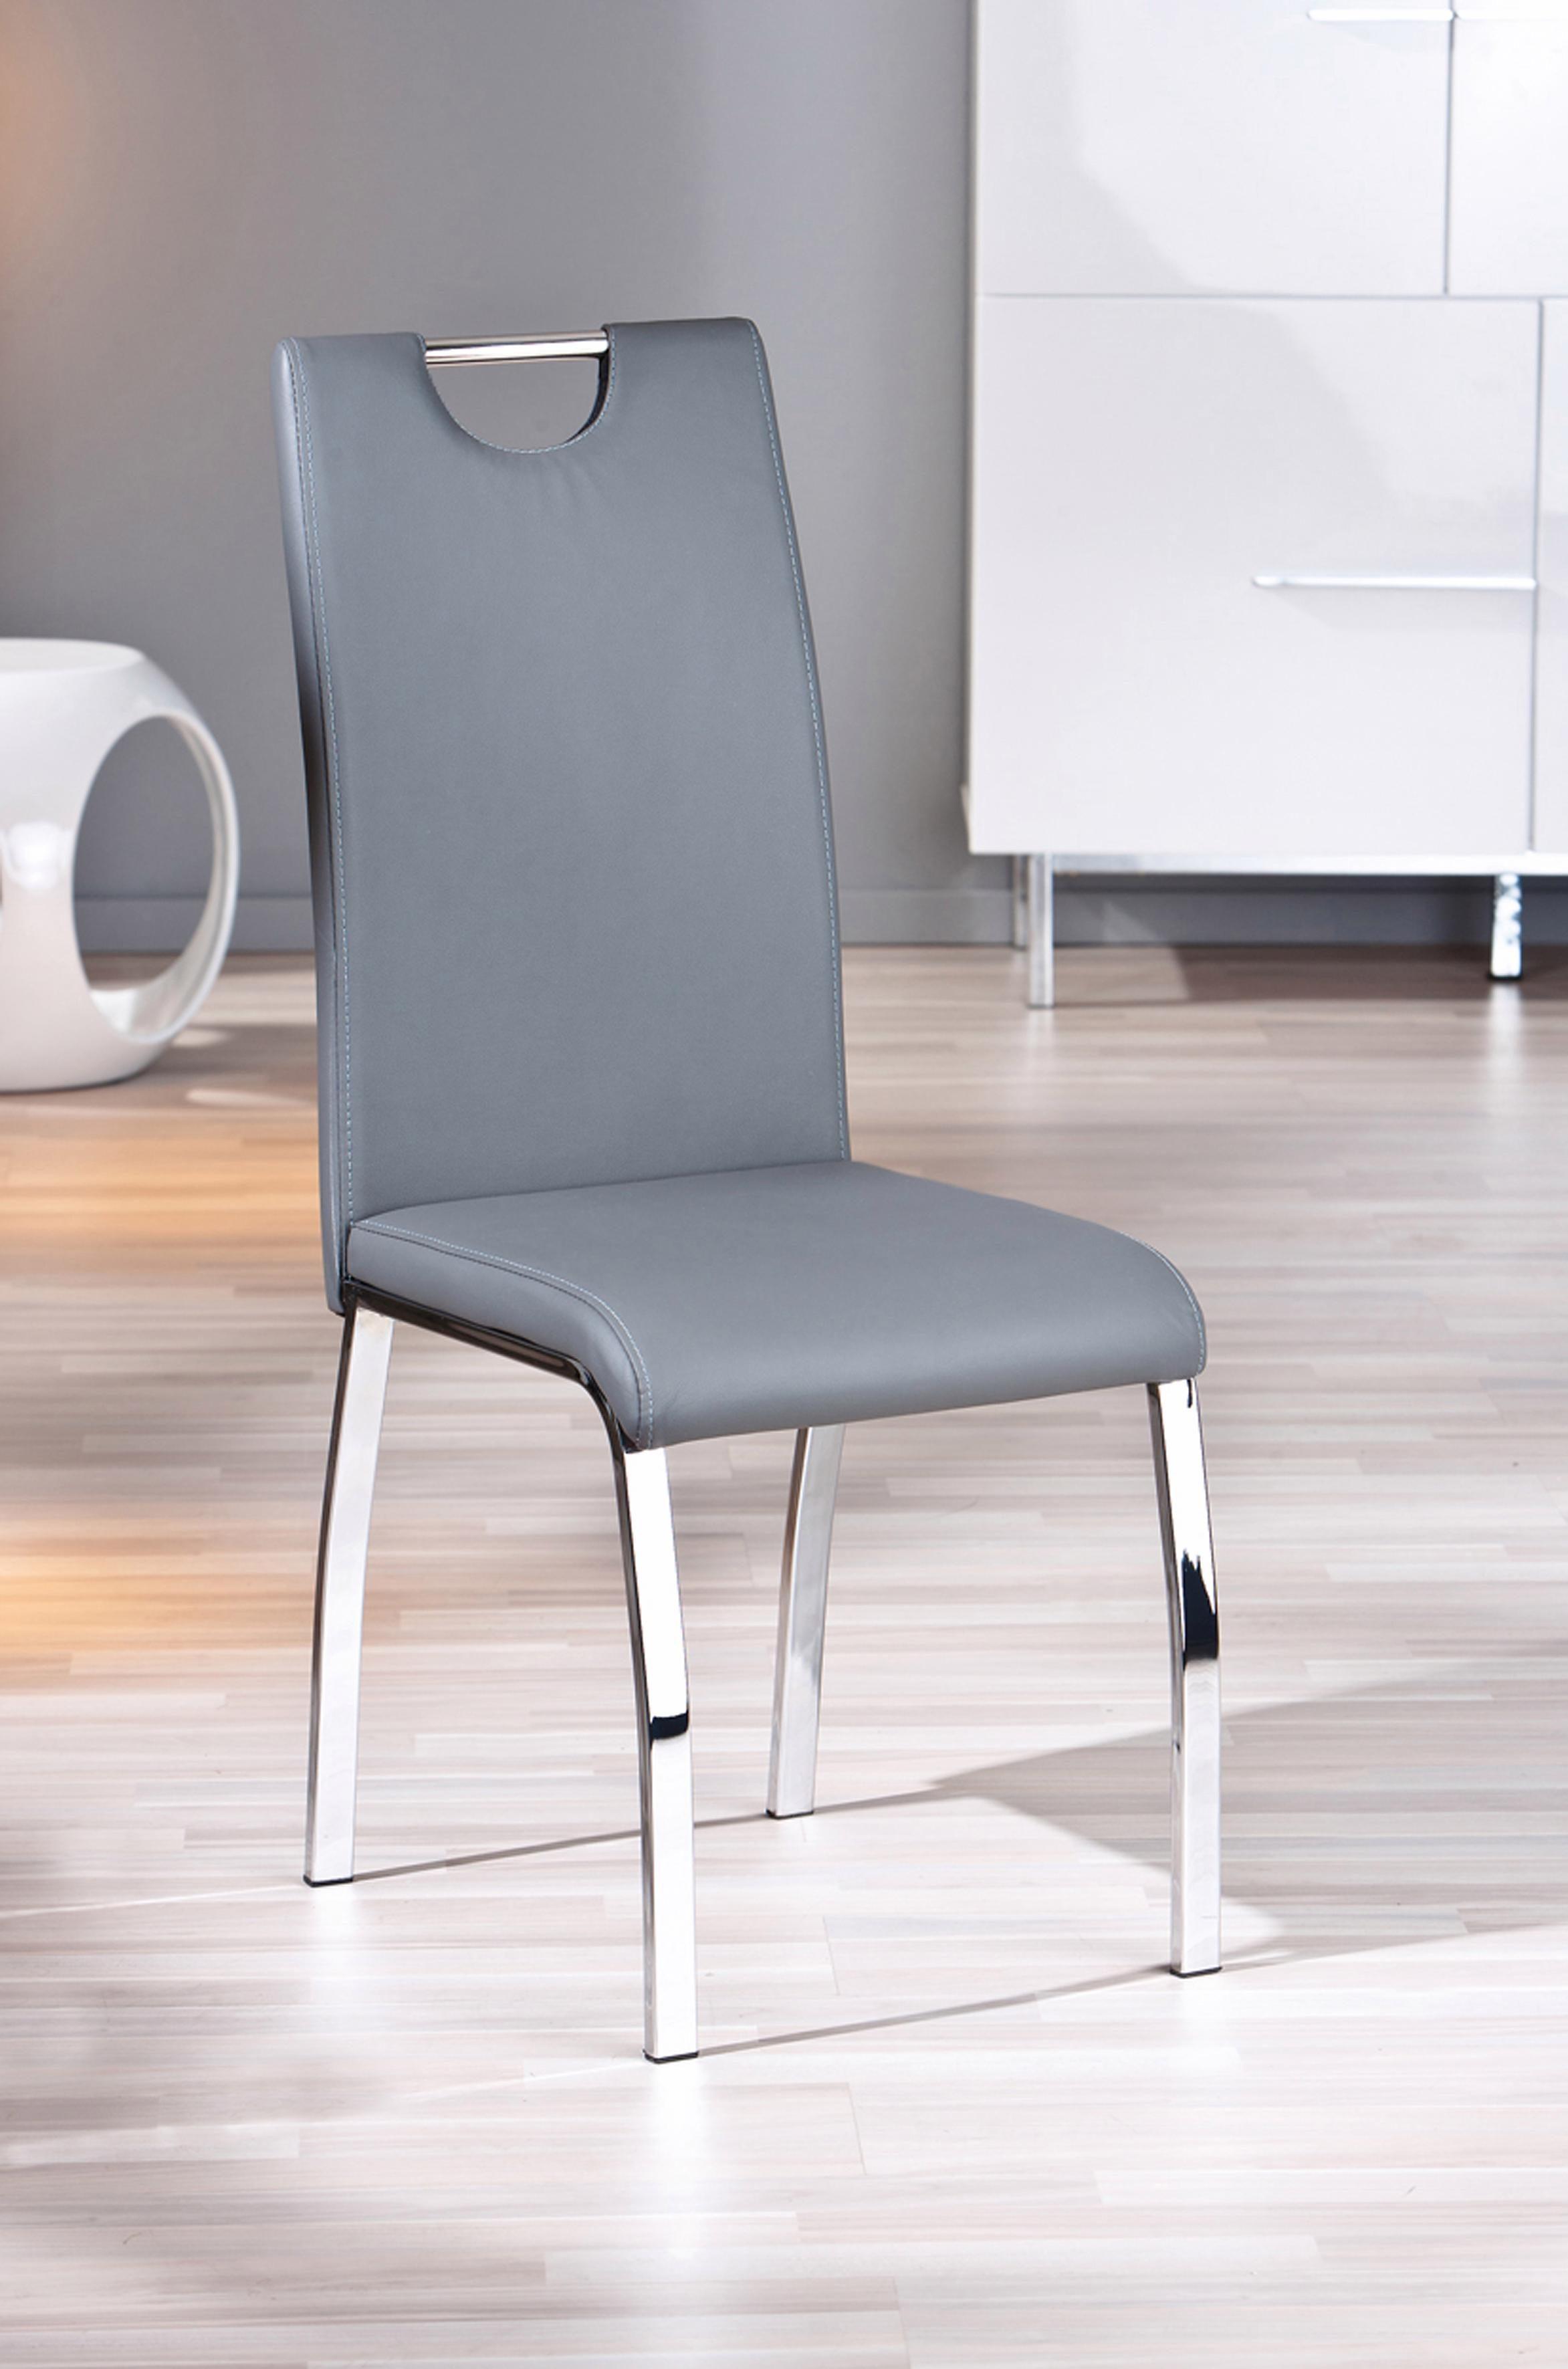 inter link st hle 2 stck billiger bei. Black Bedroom Furniture Sets. Home Design Ideas